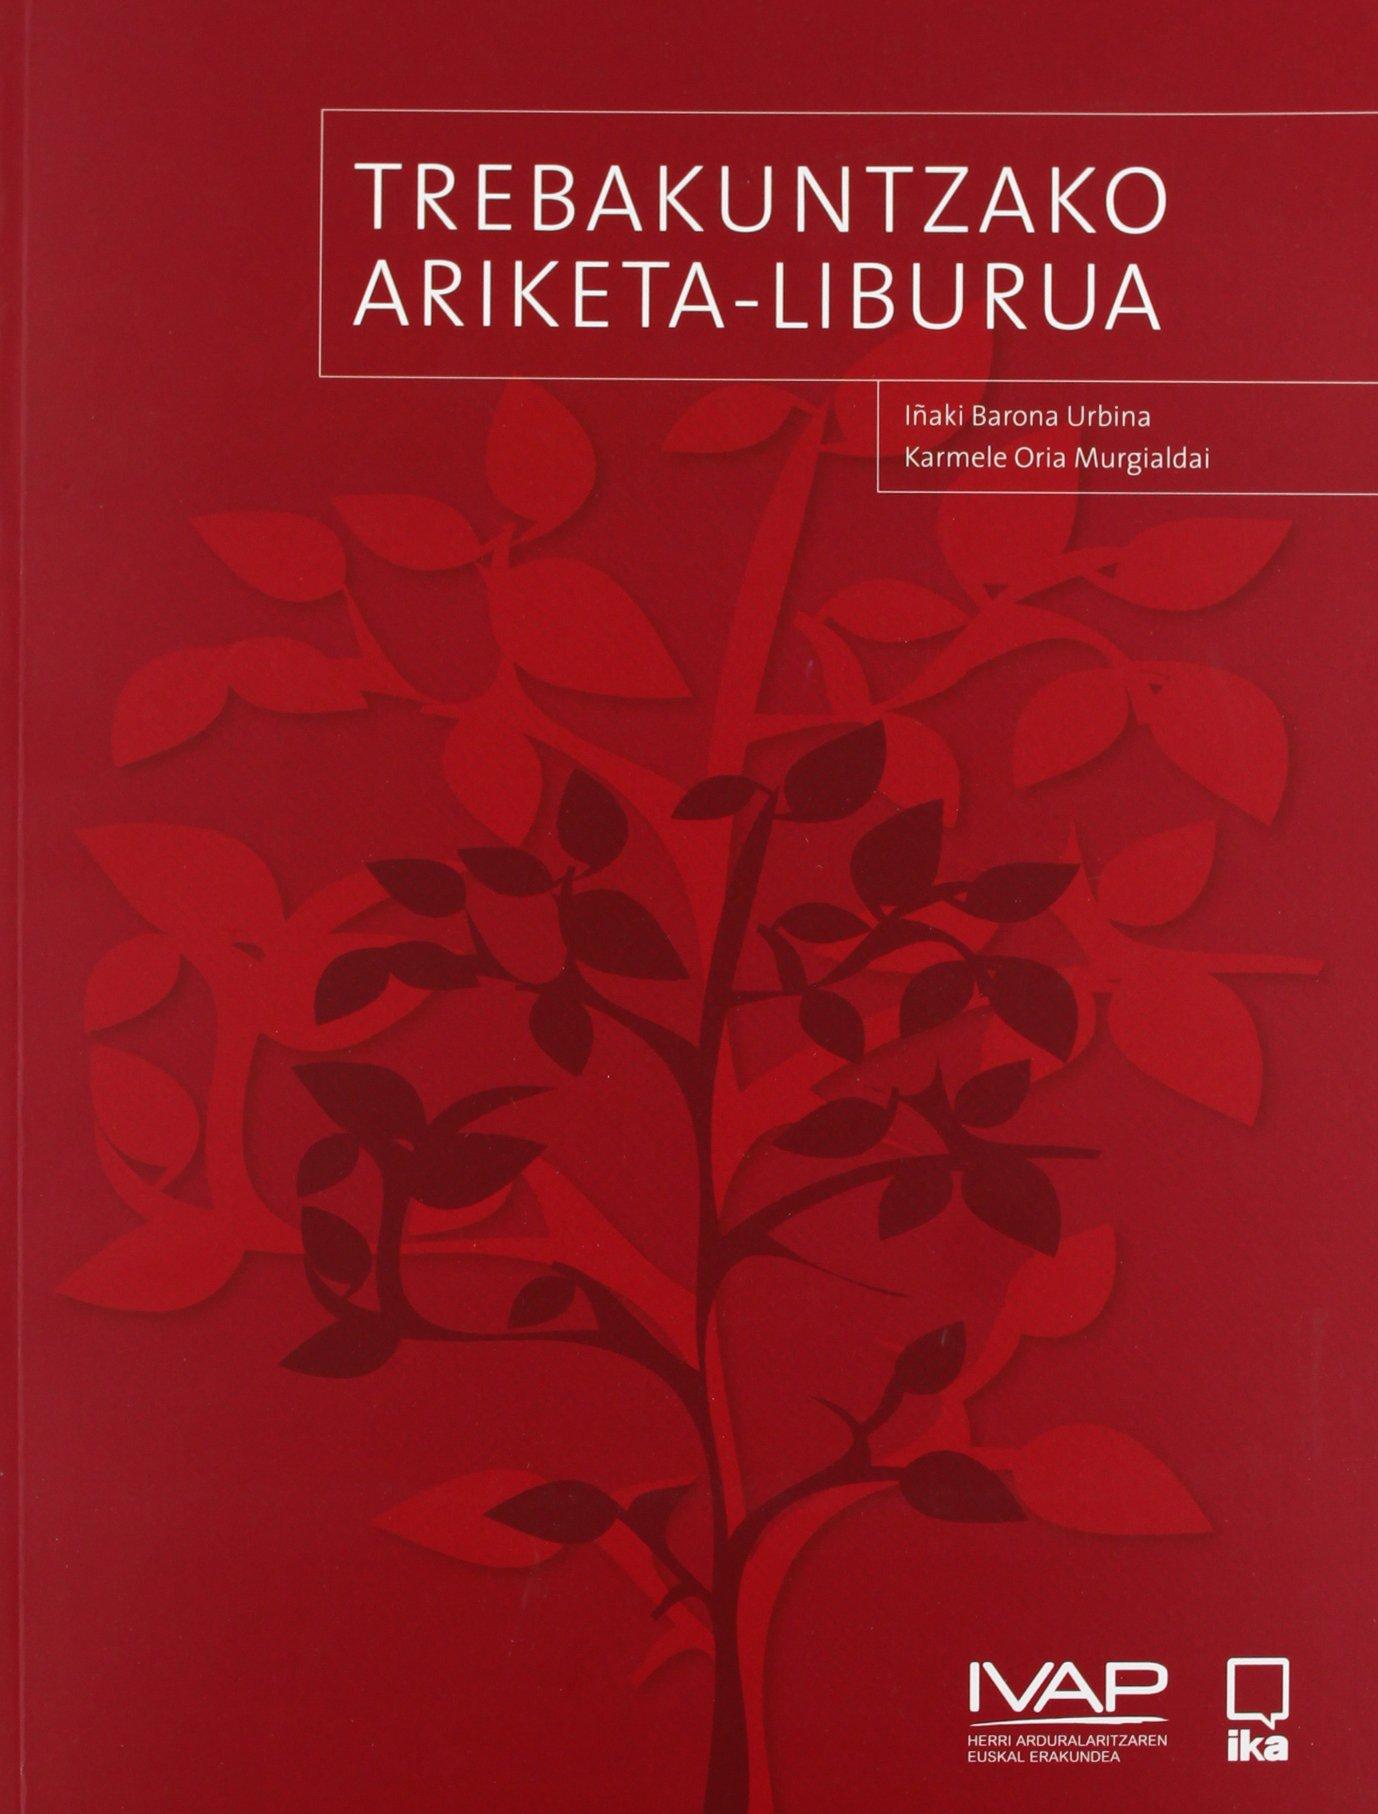 Trebakuntzako Ariketa Liburua (Denetik I.V.A.P.) (Euskera) Tapa blanda – 13 dic 2011 Batzuk Inst.Vasco Adm.Publica 8477773769 LingÜistica